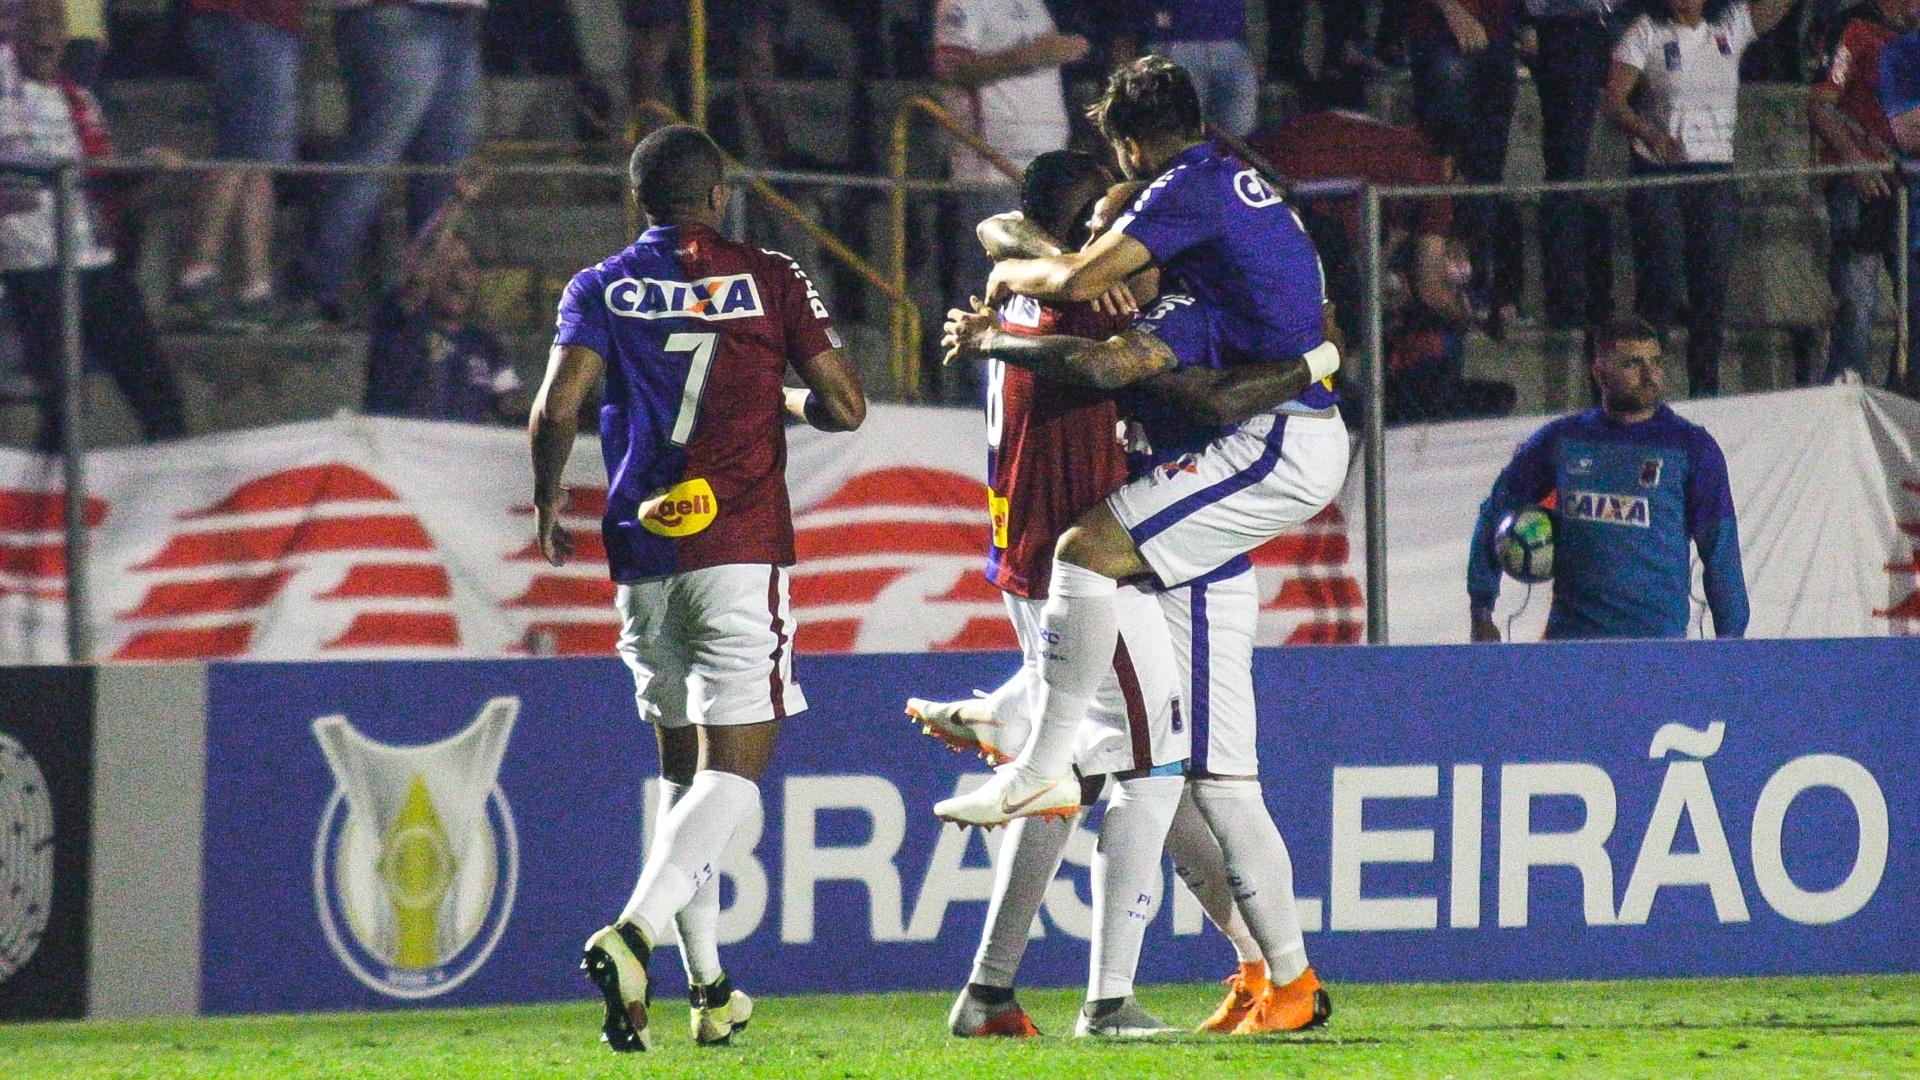 Jogadores do Paraná comemoram gol sobre o Vasco em duelo do Brasileirão